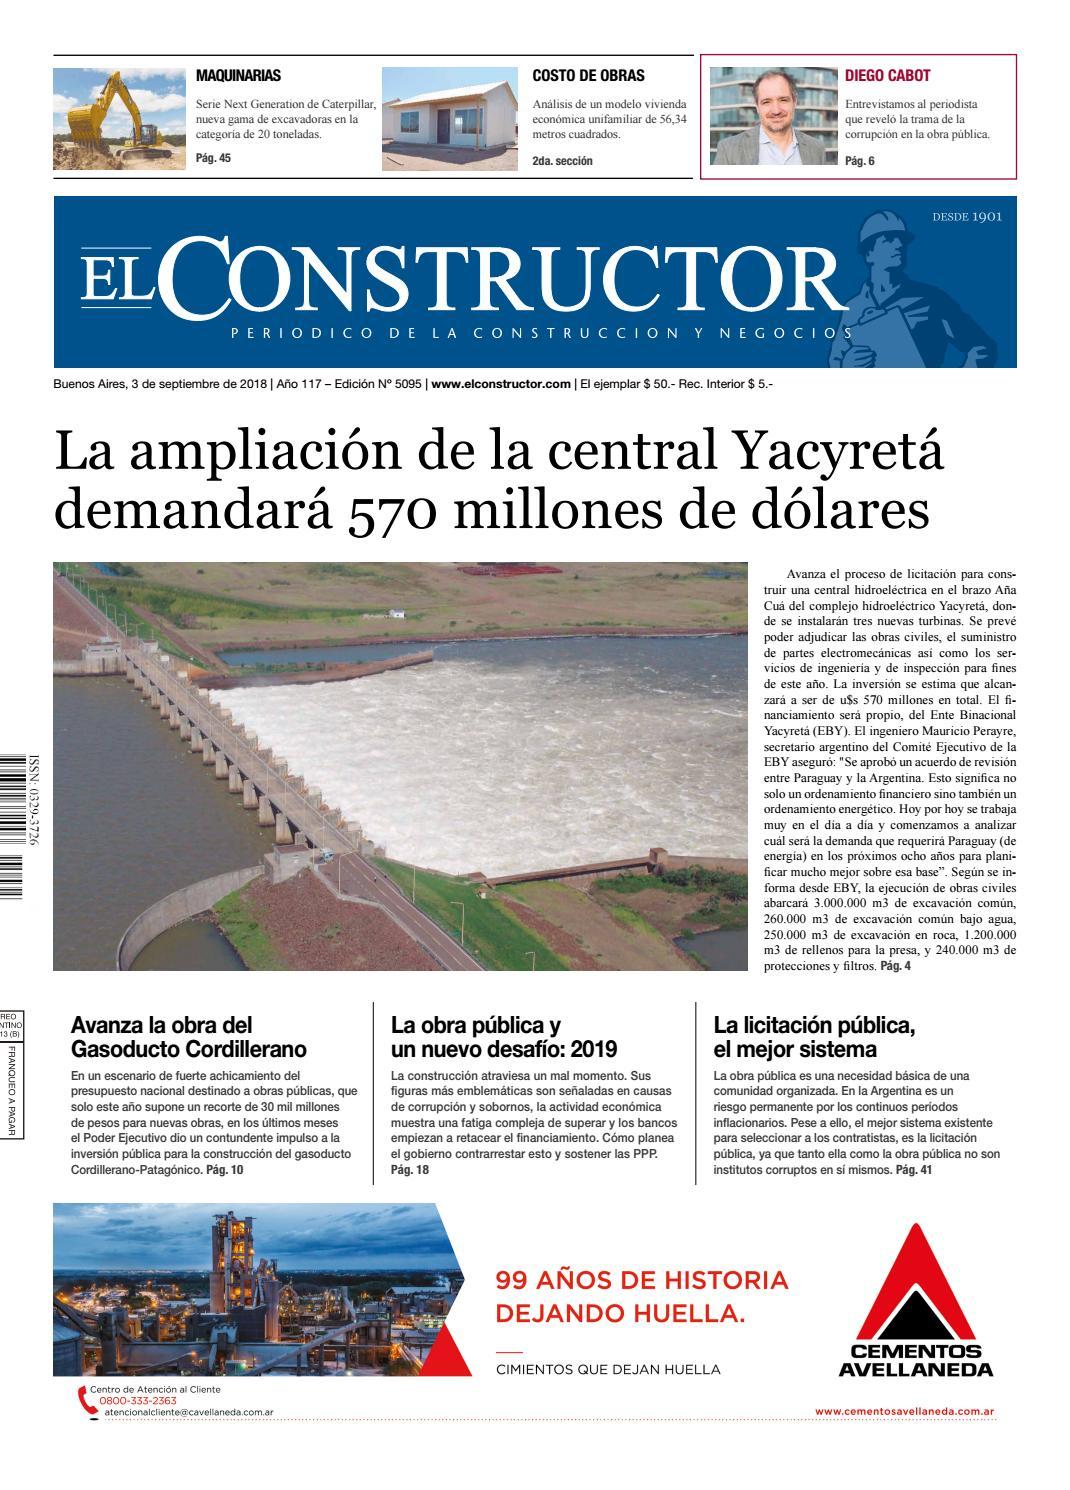 85e4126ea El Constructor 3 9 2018 - N° 5095 Año 117 by ELCO Editores - issuu